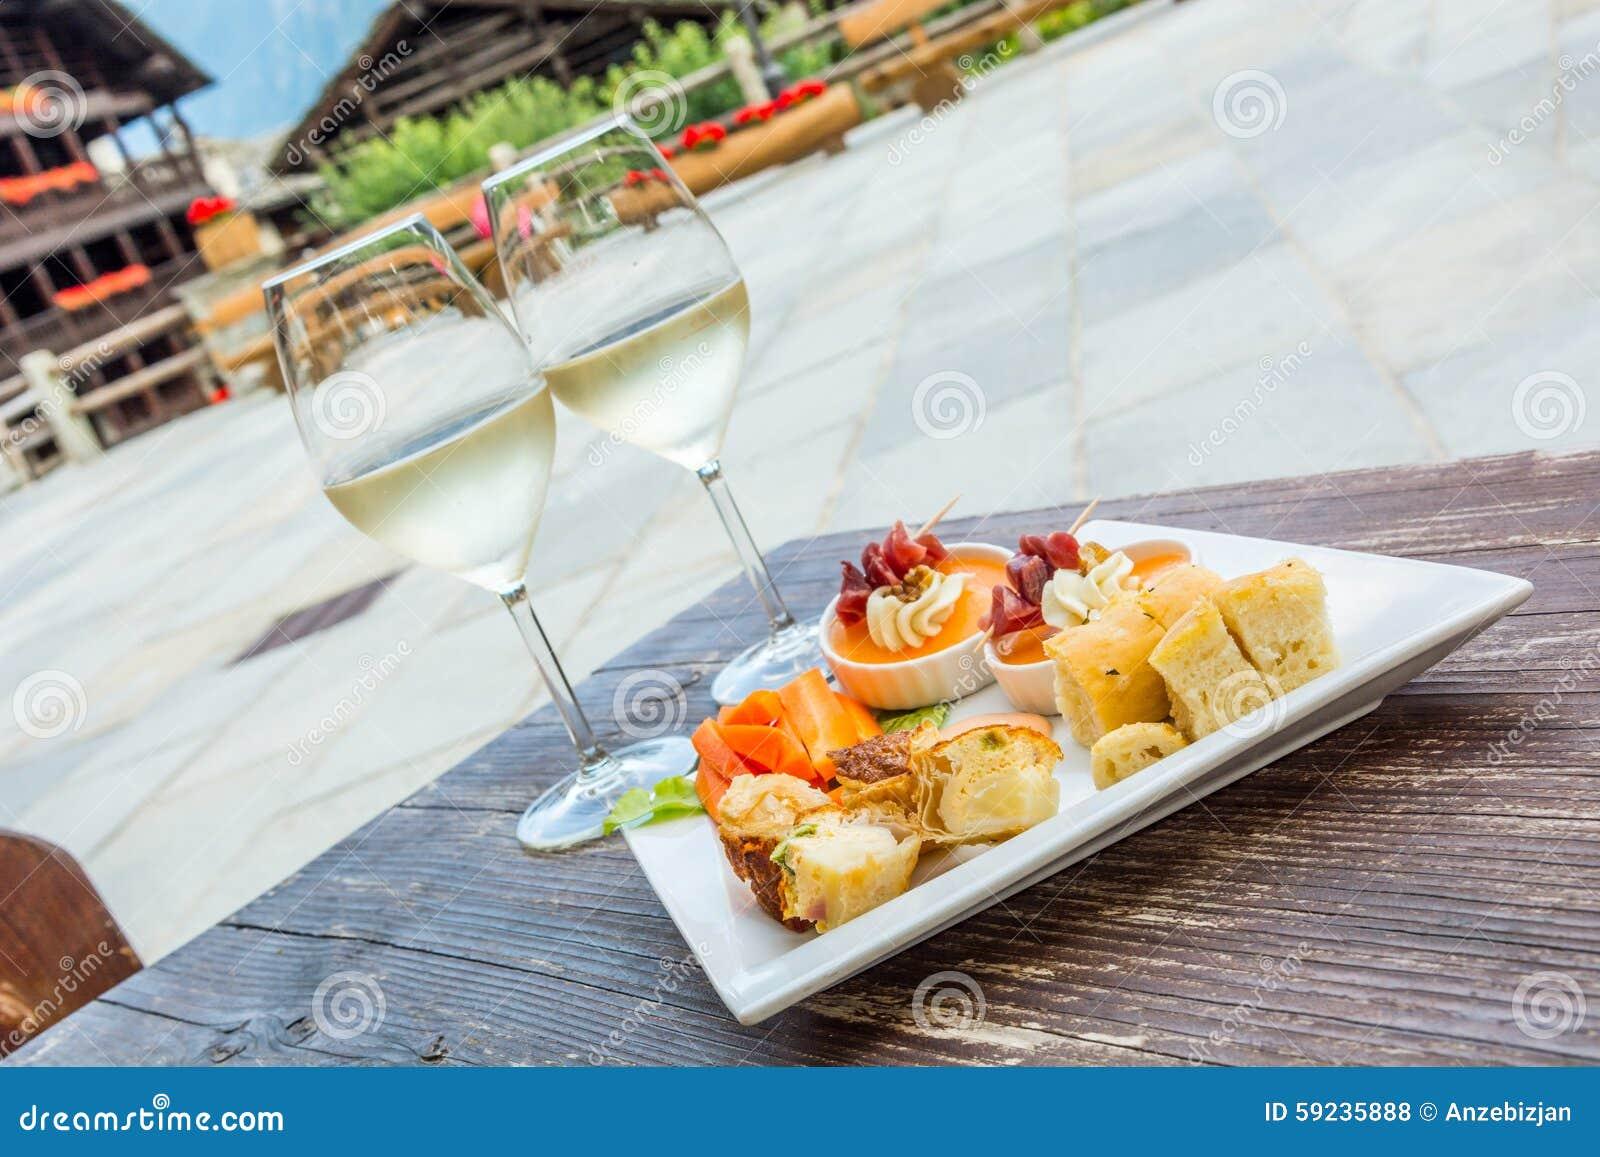 Comida para comer con los dedos sabroso en una tabla de madera